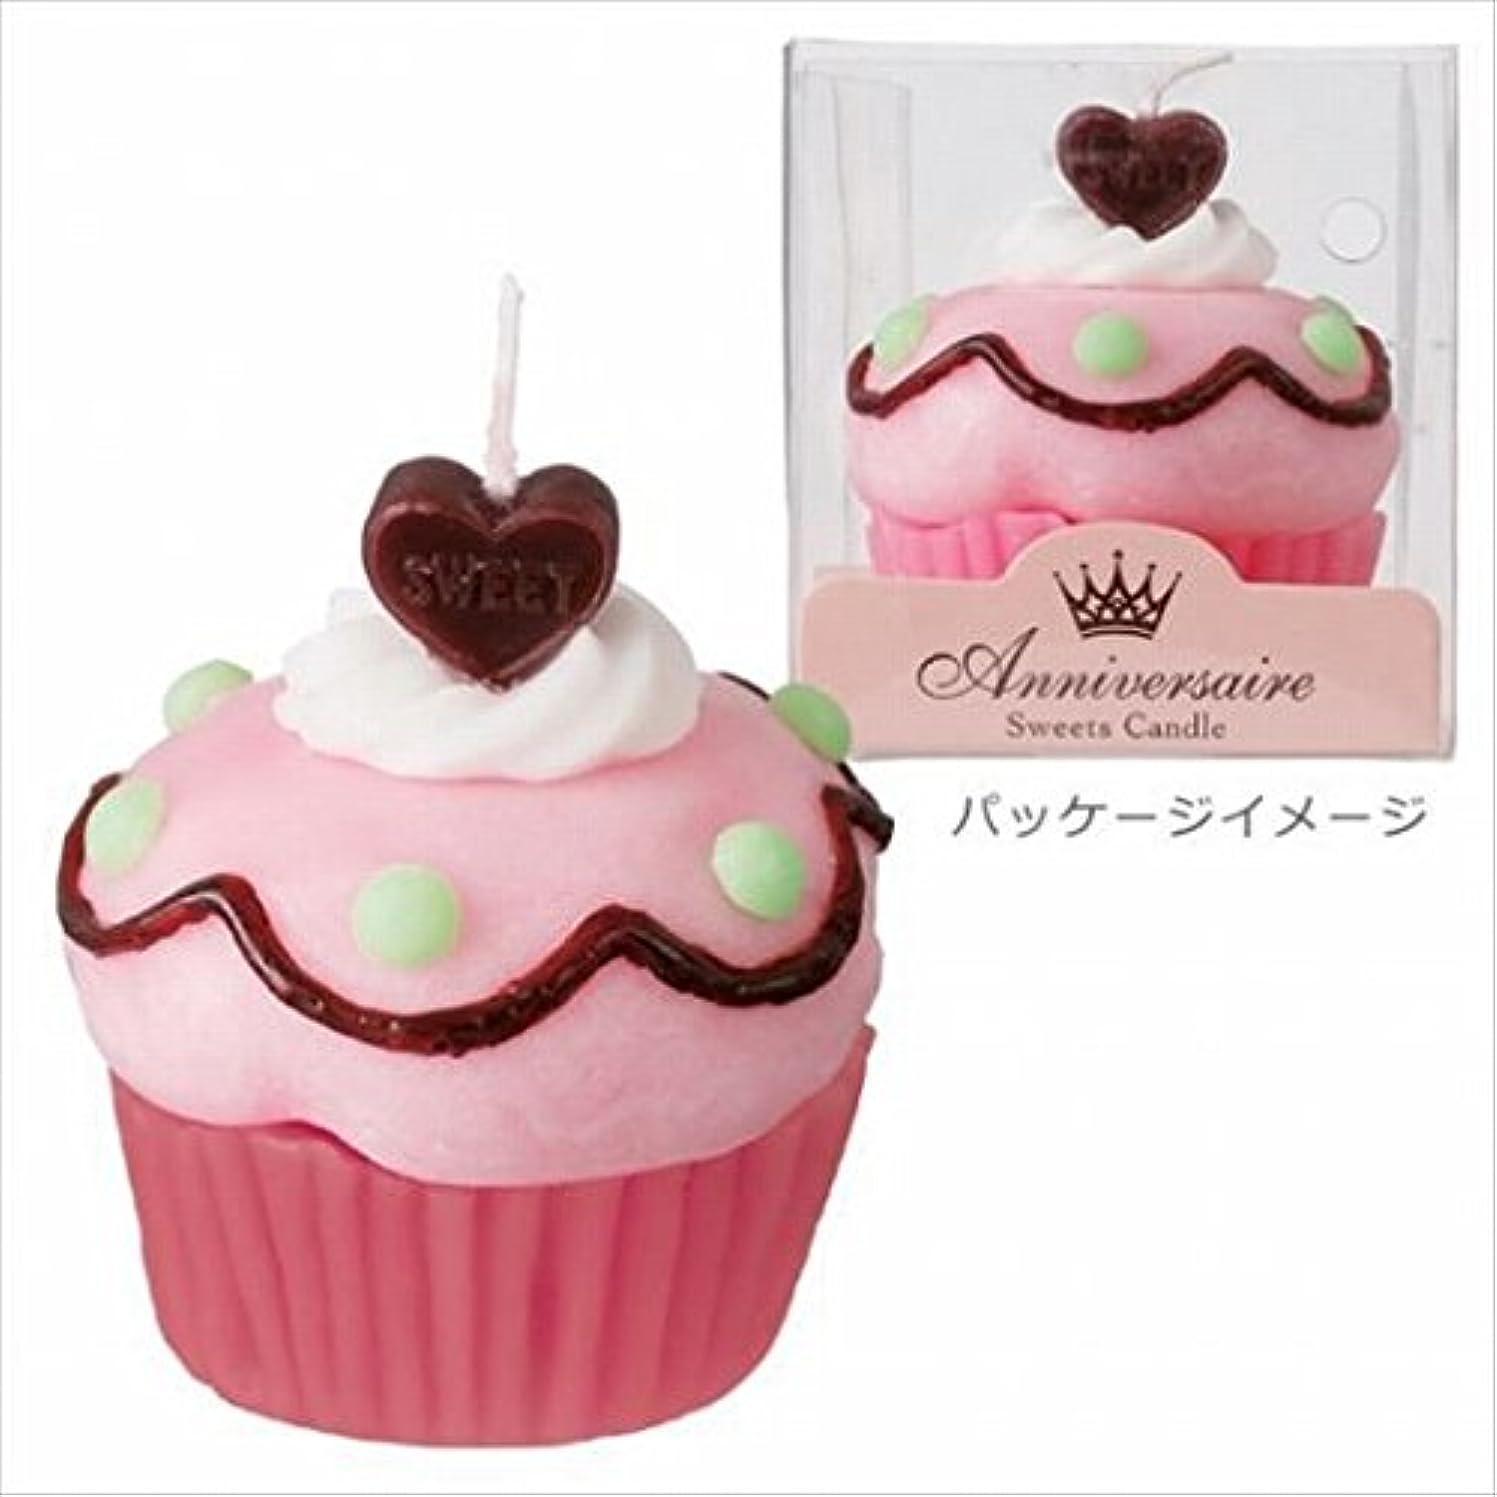 シャツ袋スナッチカメヤマキャンドル( kameyama candle ) カップケーキキャンドル 「 チェリードット 」